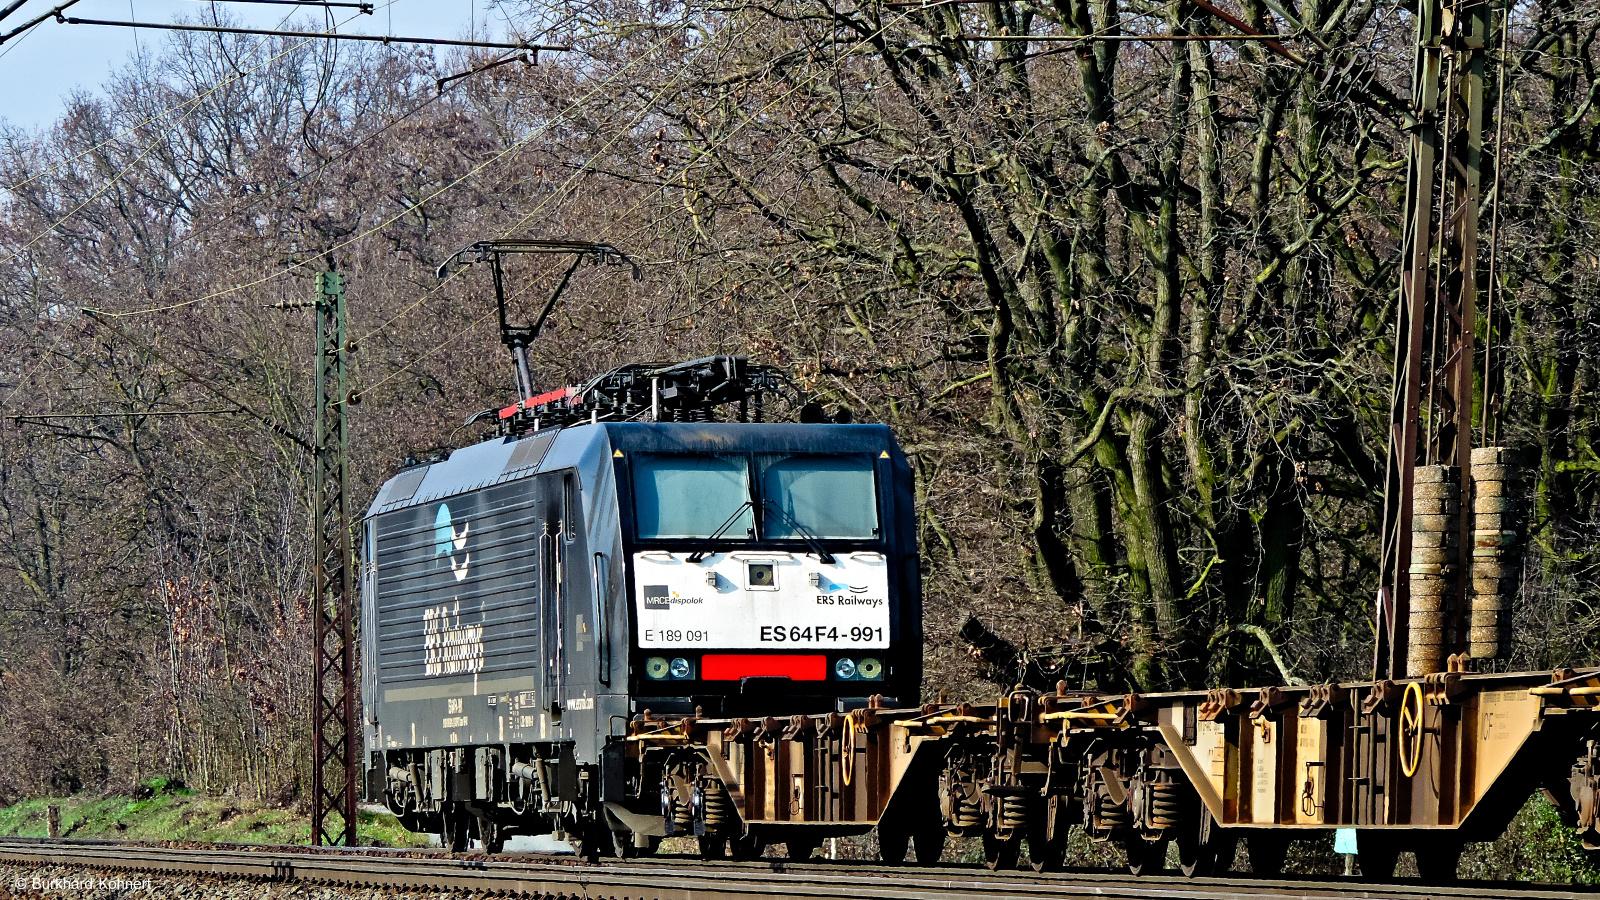 189 091 ES 64 F4-991 ERS Railways mit einem gem. Güterzug kurz vor Mainz-Bischofsheim